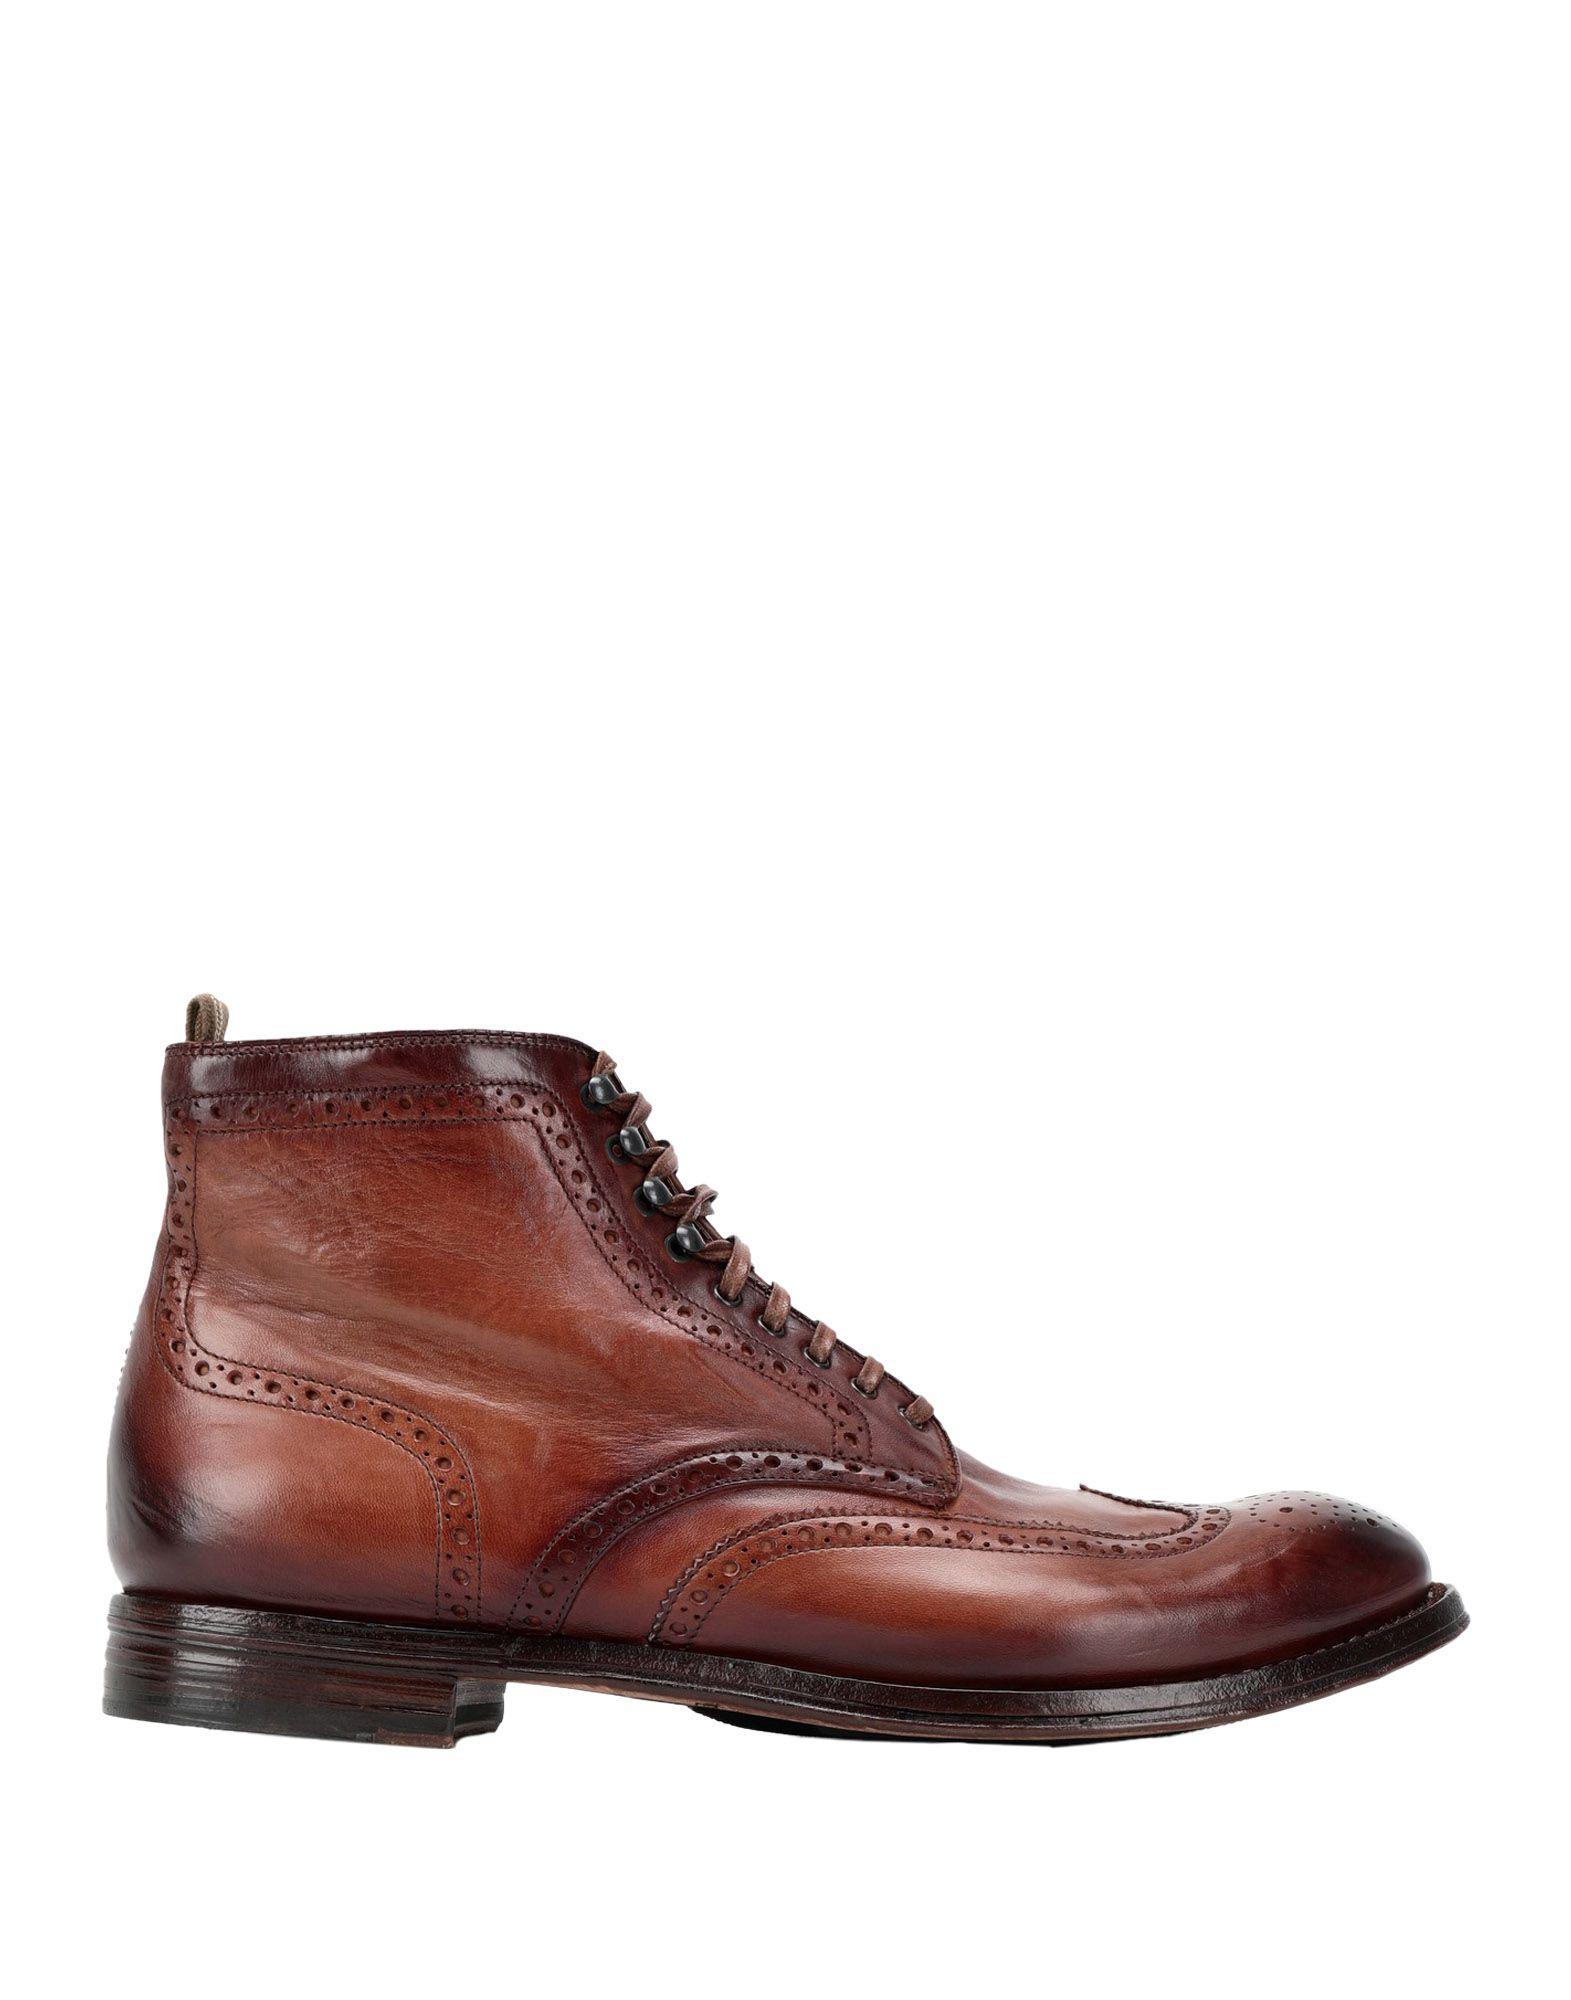 Officine Creative Italia Stiefelette Herren  11552696RN Gute Qualität beliebte Schuhe